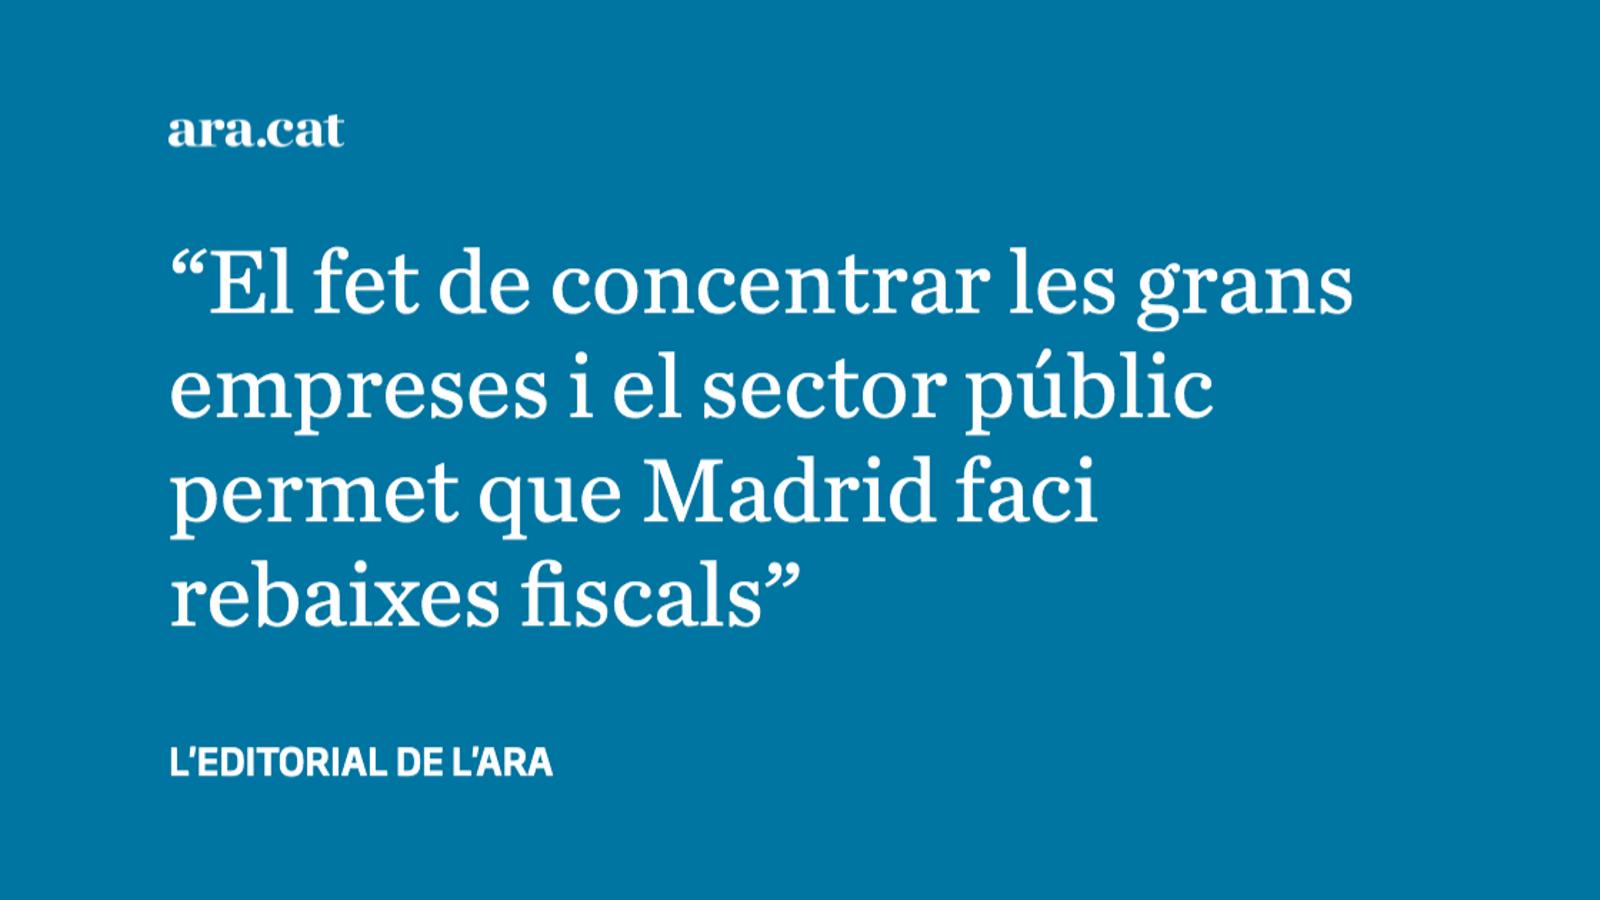 Els privilegis que permeten a Madrid abaixar impostos